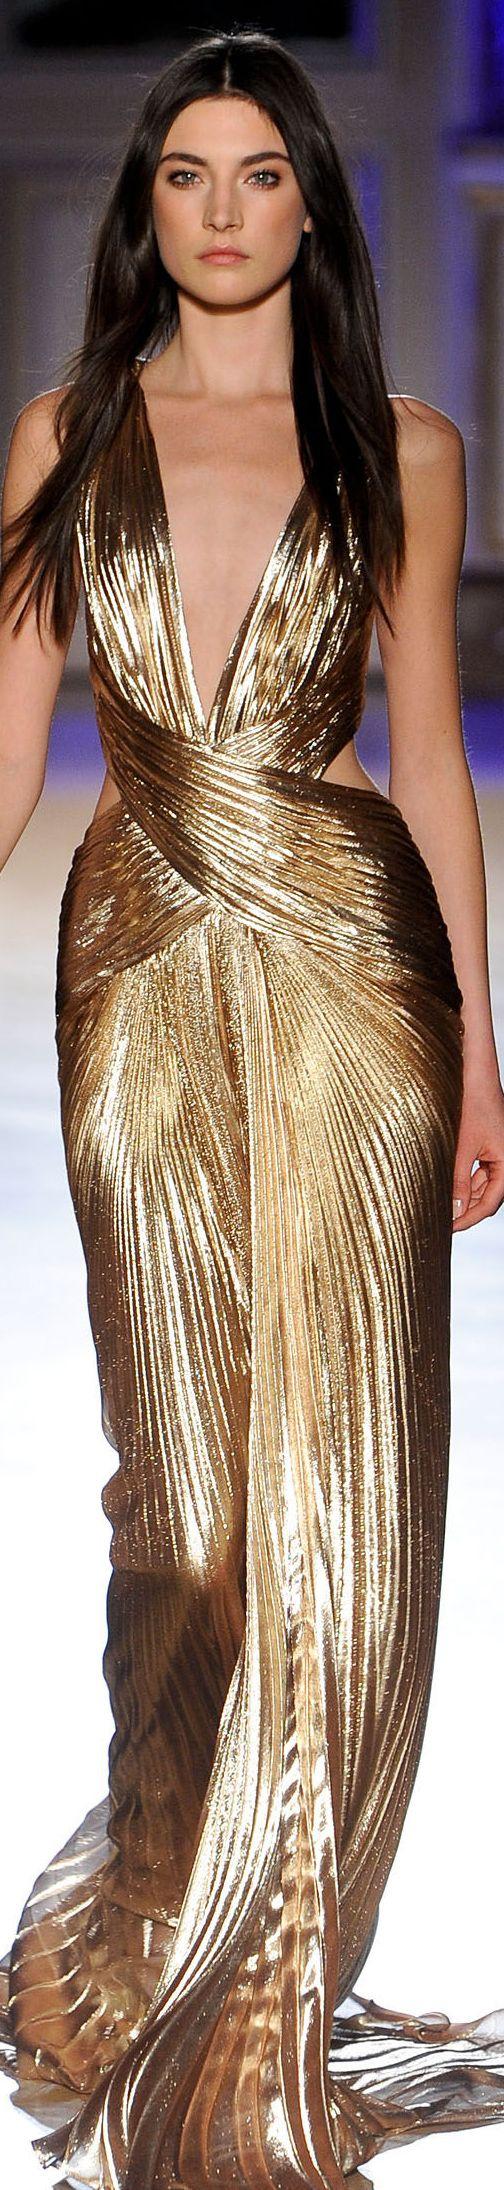 Carpet fashion haute couture gowns alexandre vauthier ralph lauren